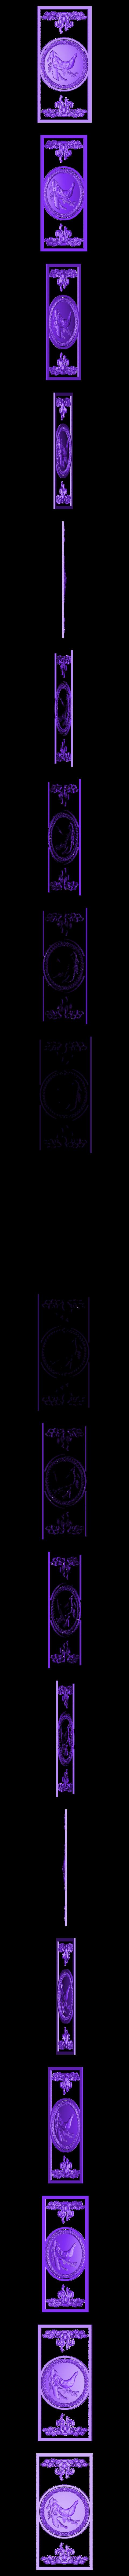 386.stl Télécharger fichier STL gratuit Support mural Tetra • Objet imprimable en 3D, 3DPrinterFiles